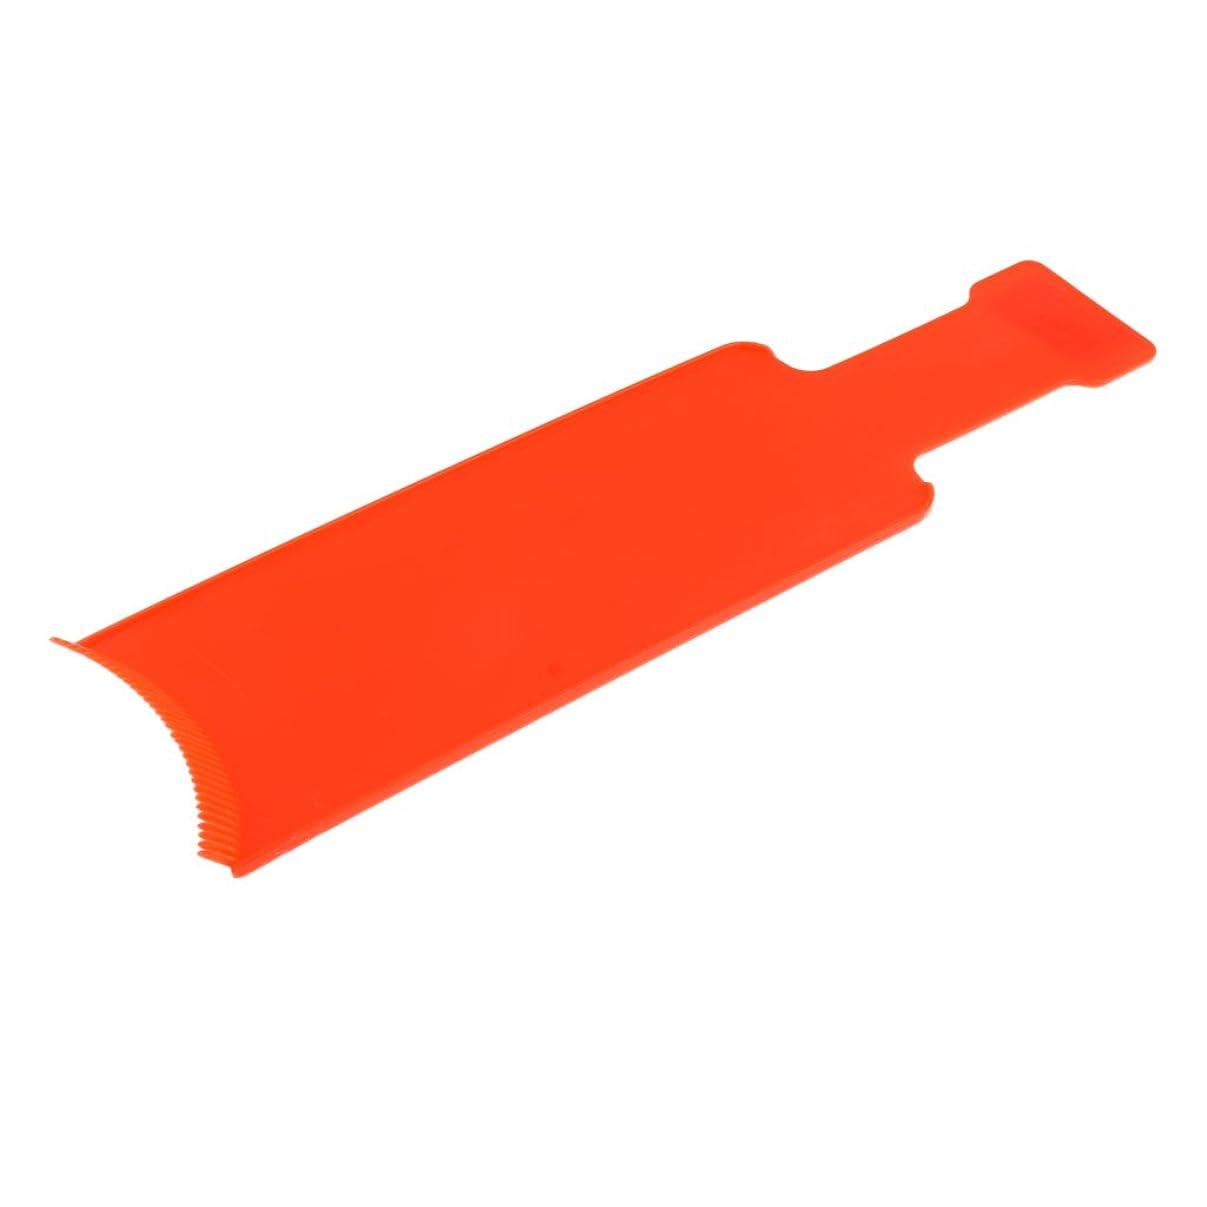 スキニー増幅する瞬時にPerfk 染色櫛プレート 染めボード ヘアカラー 櫛 着色ボード ヘアブラシ セルフヘルプ プロ 家庭用 2サイズ2色選べる - L, オレンジ